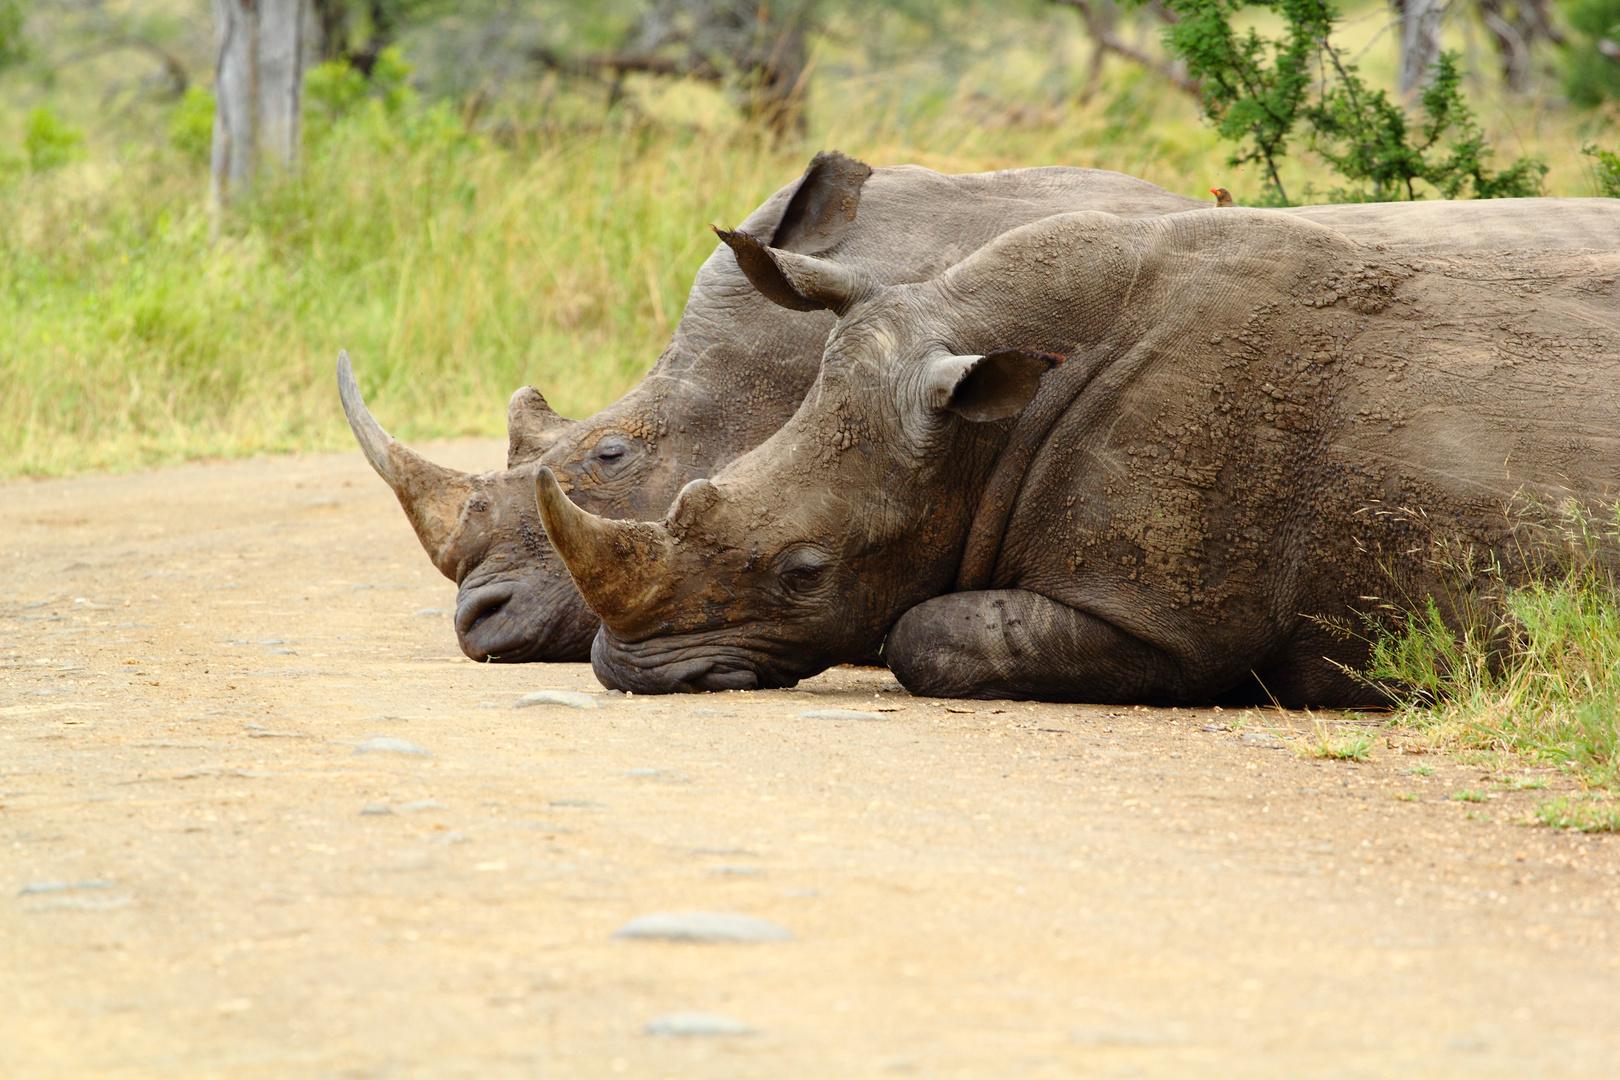 Rhino im Spiegel